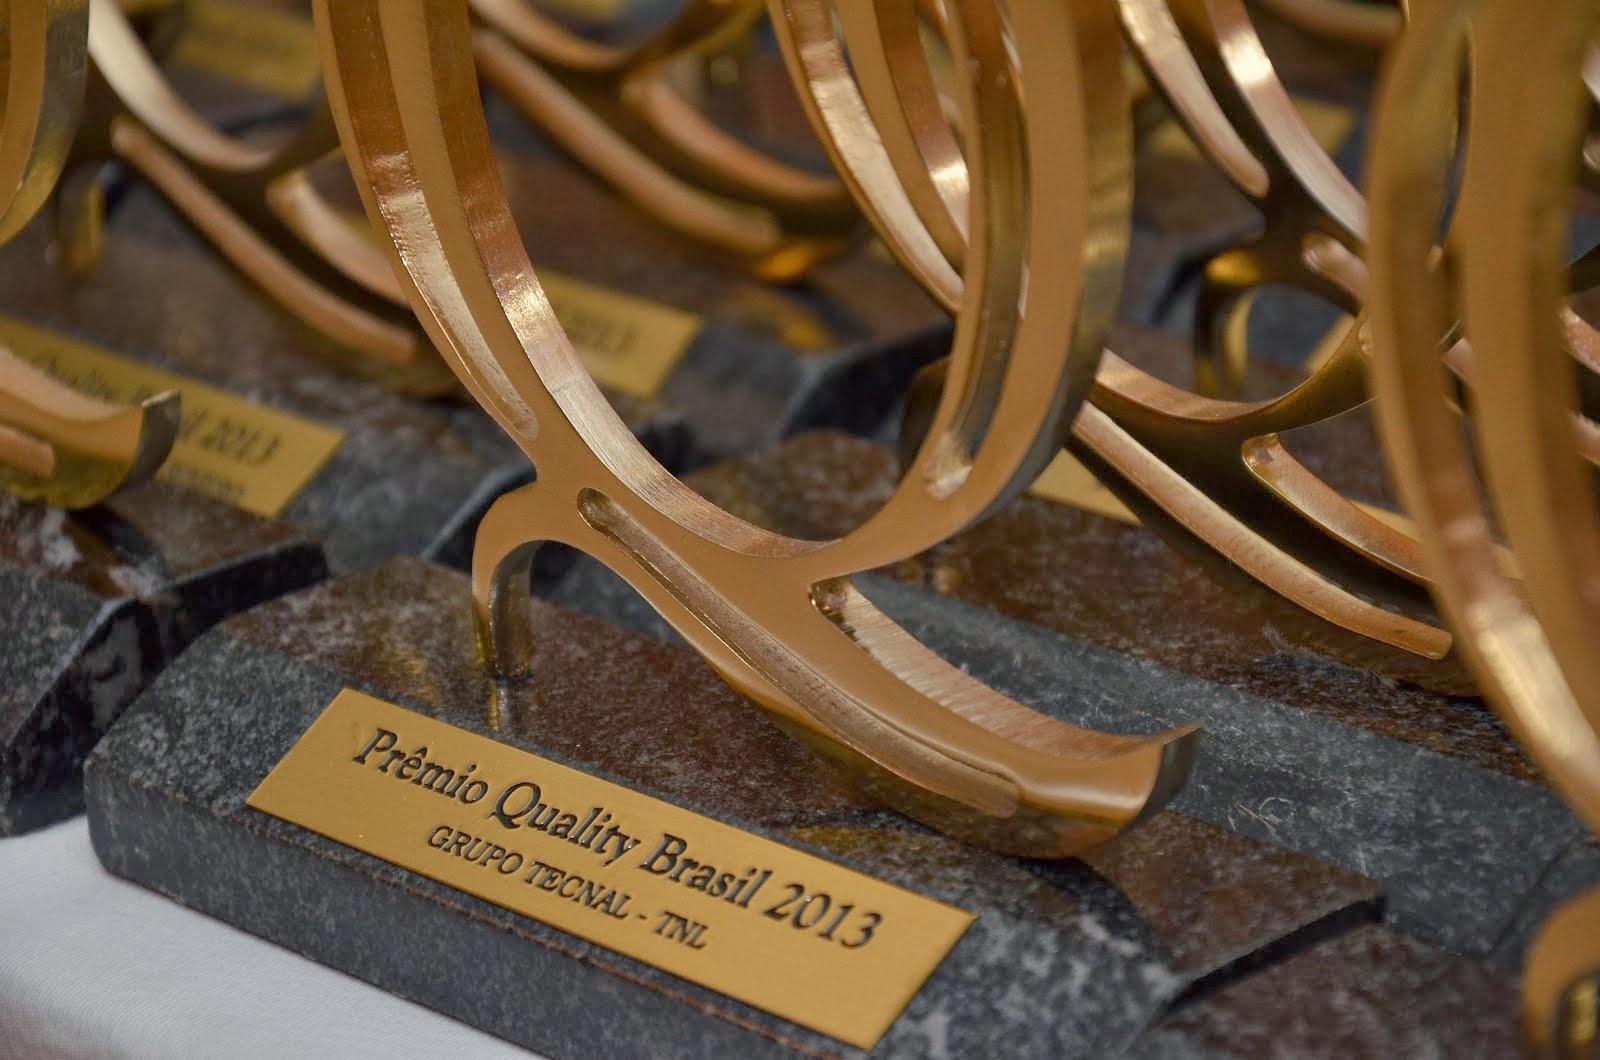 ..:: Prêmio Quality 2013 ::..